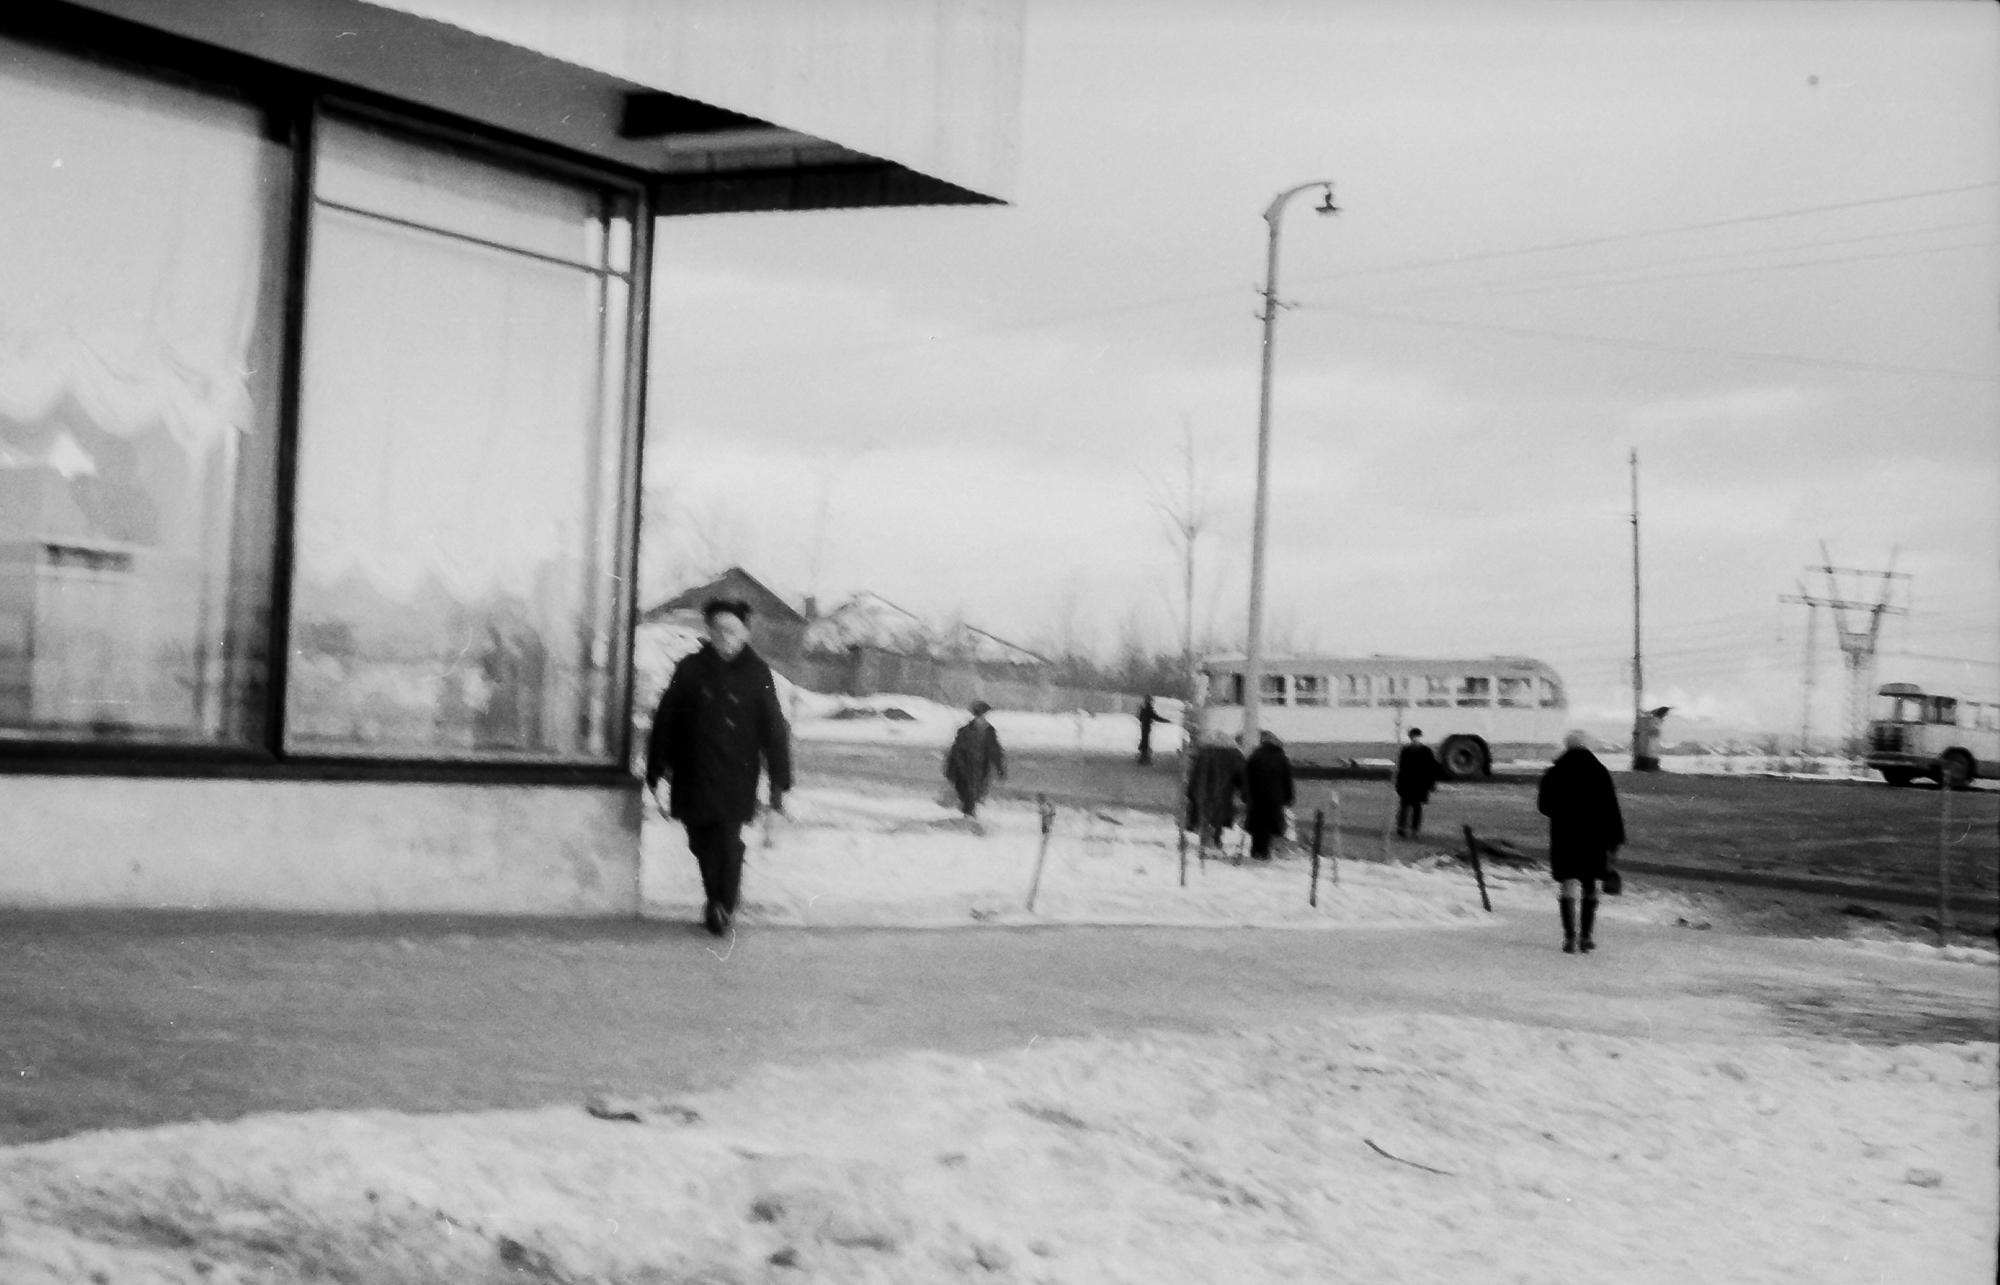 1971 Конечная автобусная остановка на Озерной (маршруты 120 и кажется 208), напротив дома 26, от магазина, где сейчас Пятерочка